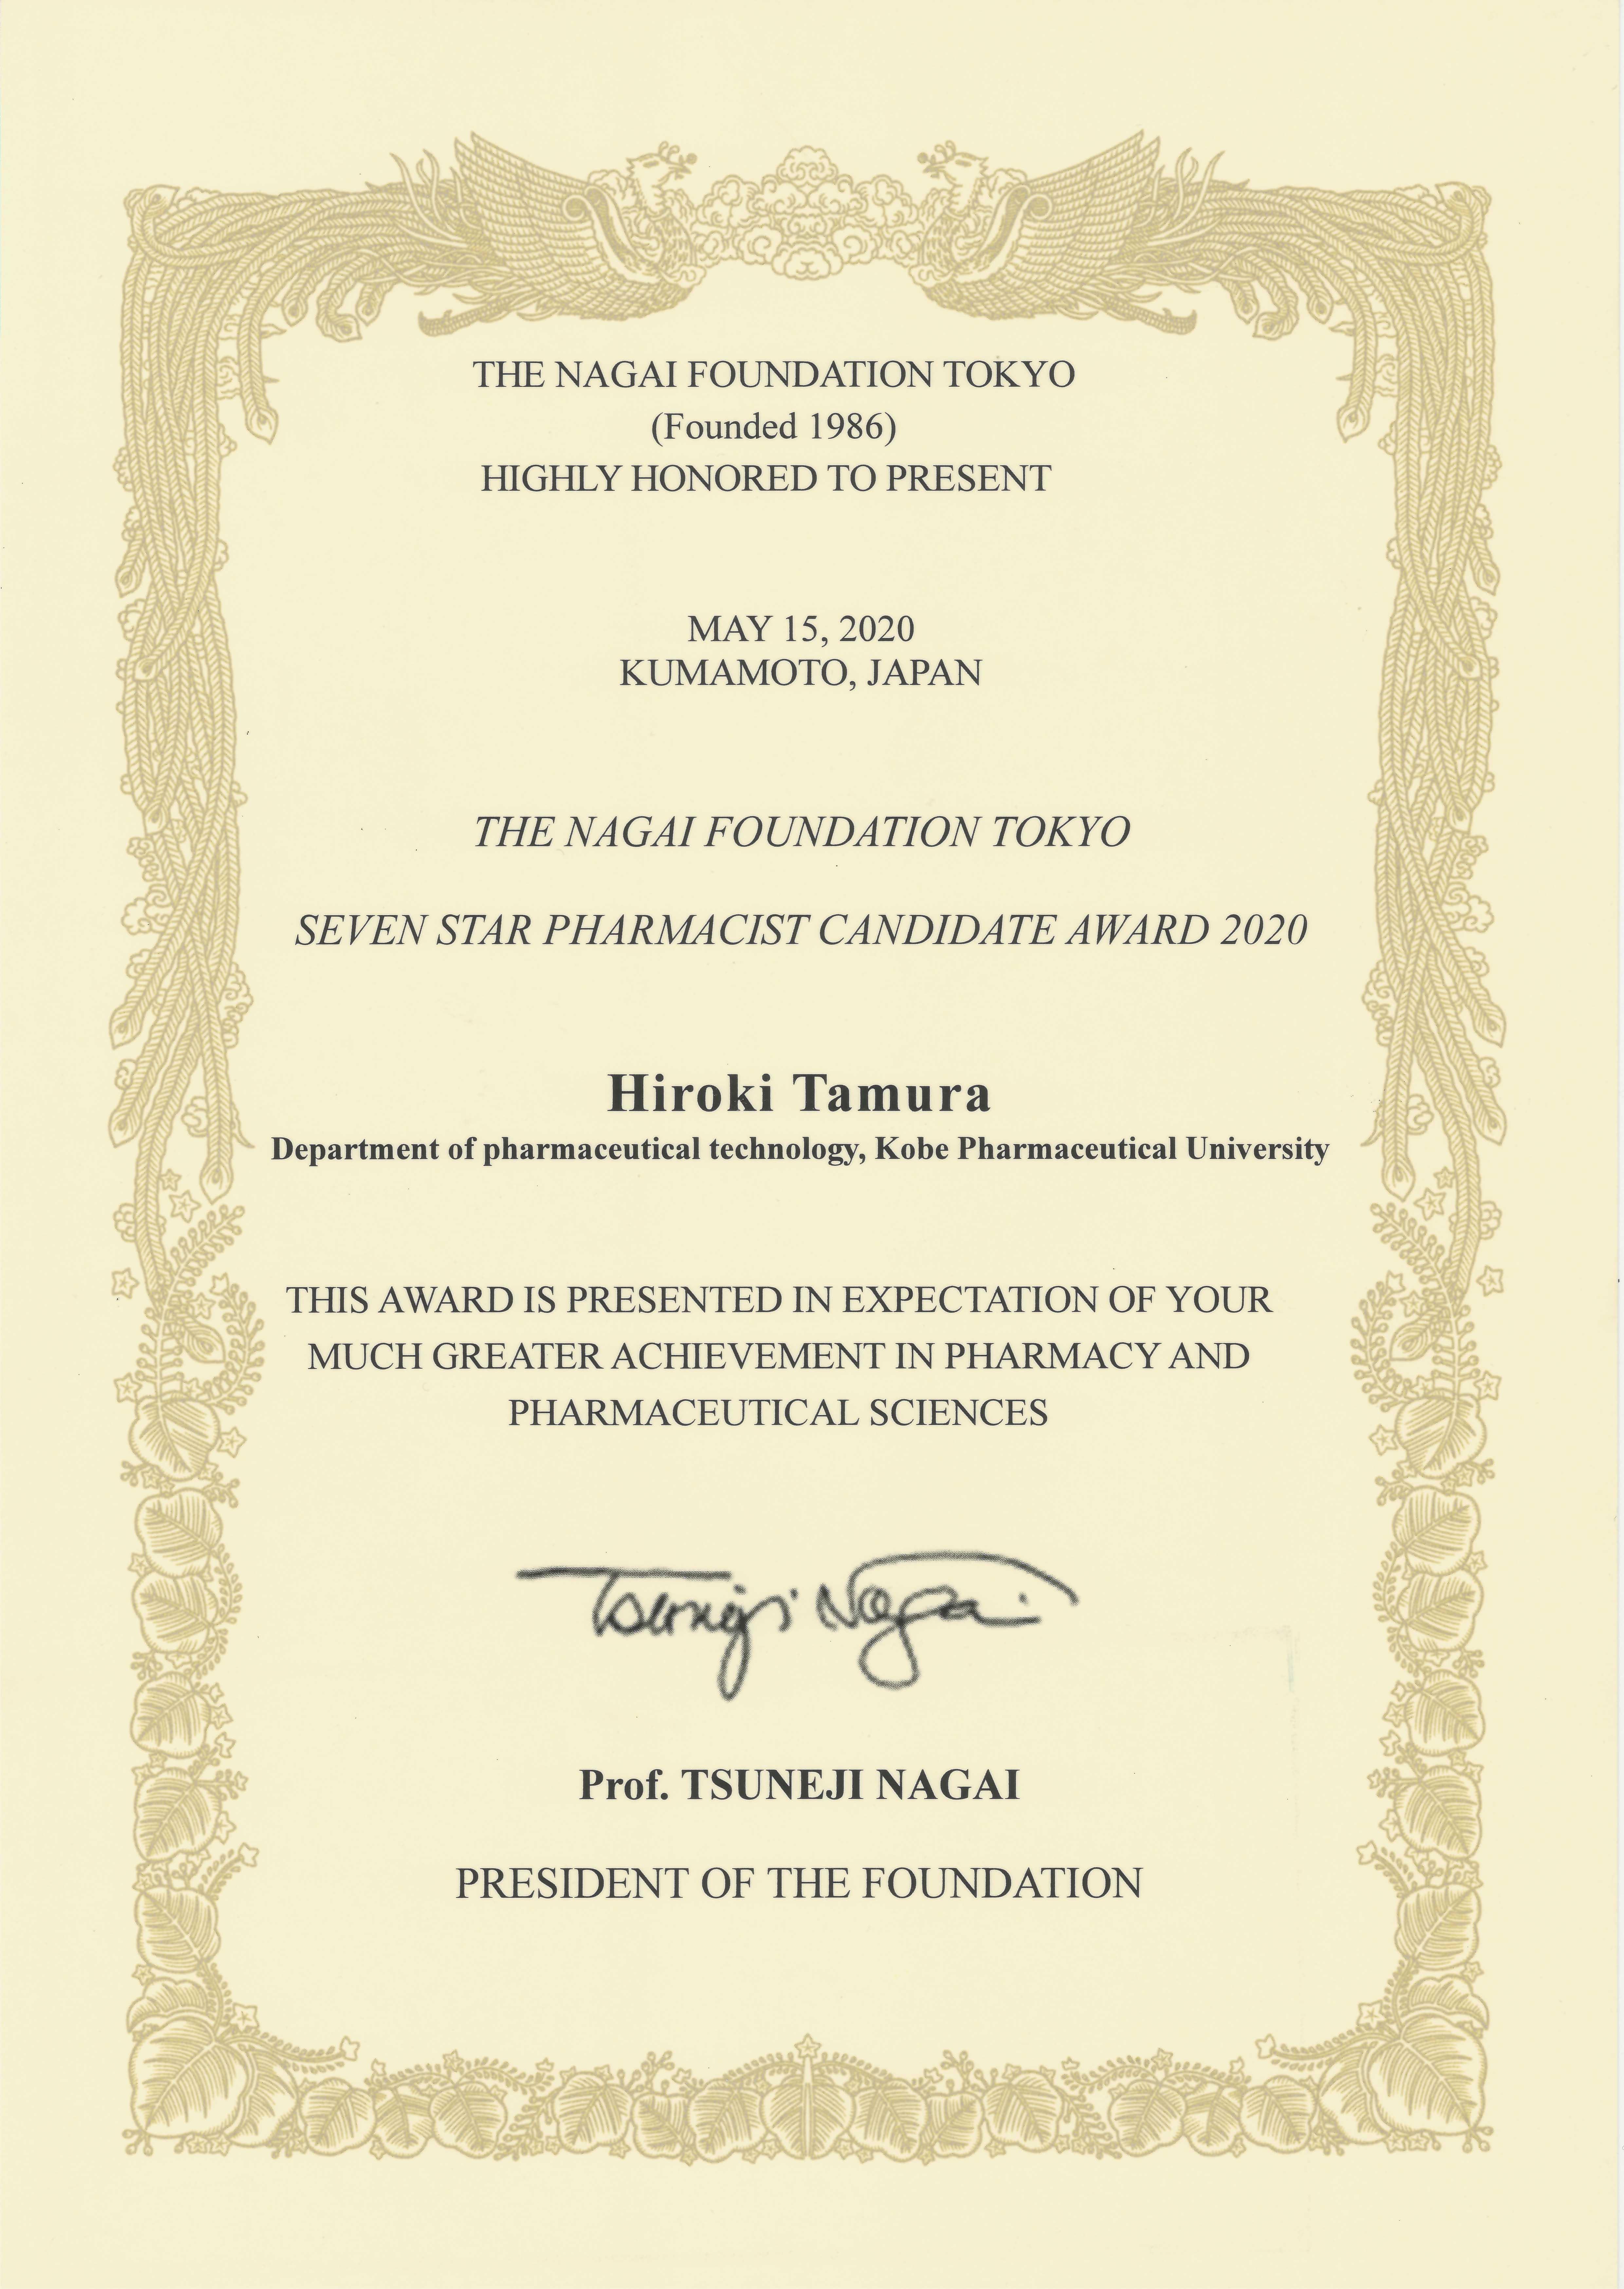 記事 日本薬剤学会第 35 年会で田村大樹くんが日本薬剤学会永井財団学部学生七つ星薬師奨励賞を受賞しました。のアイキャッチ画像